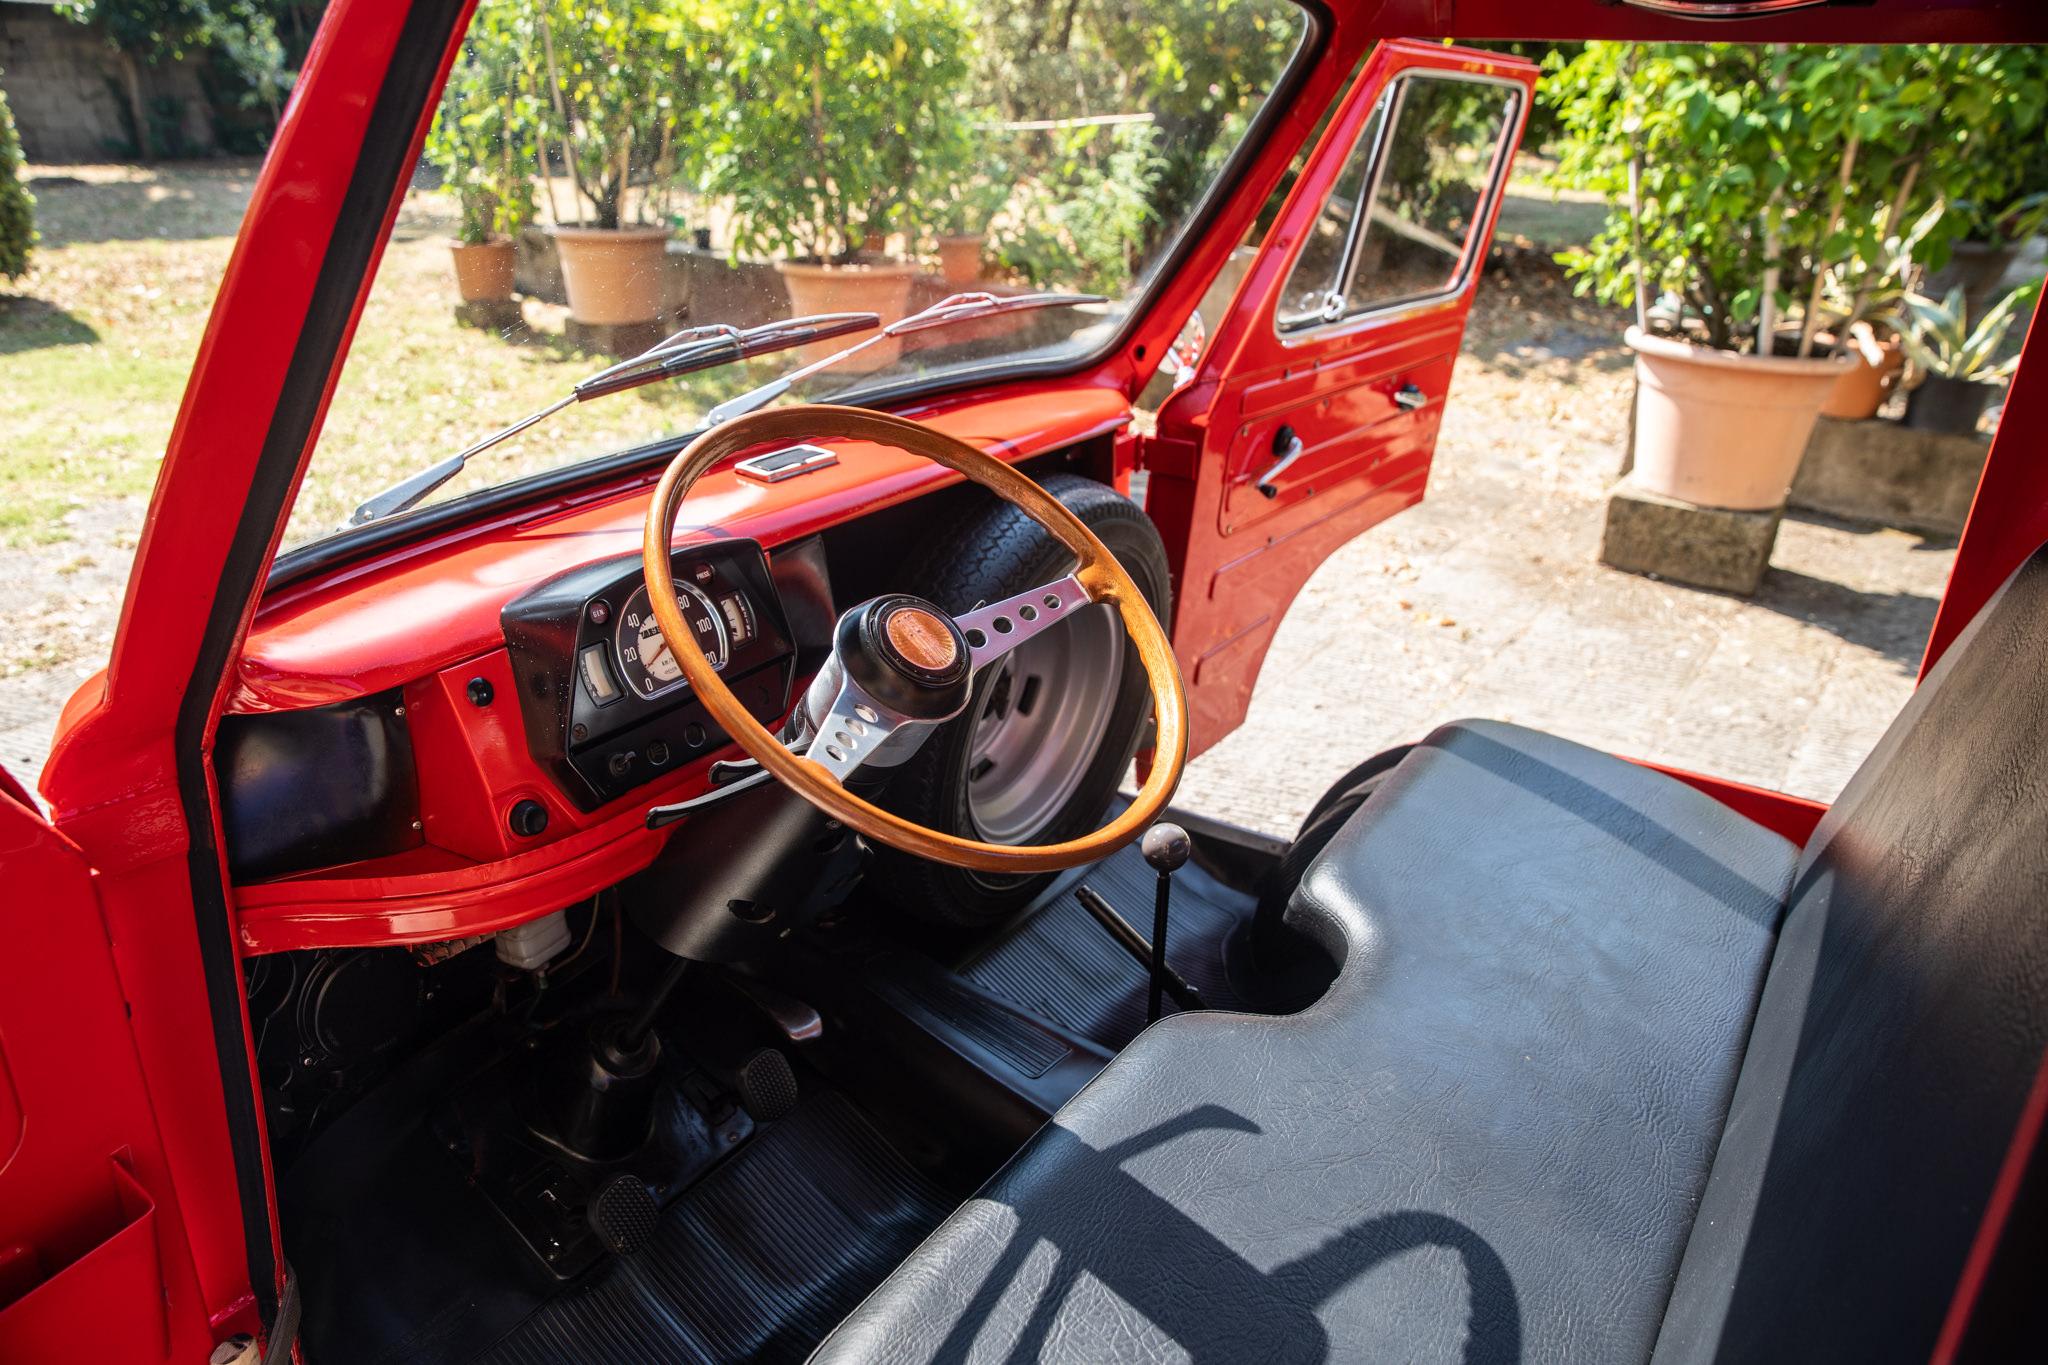 1977 Fiat 900 Coriasco Pickup interior